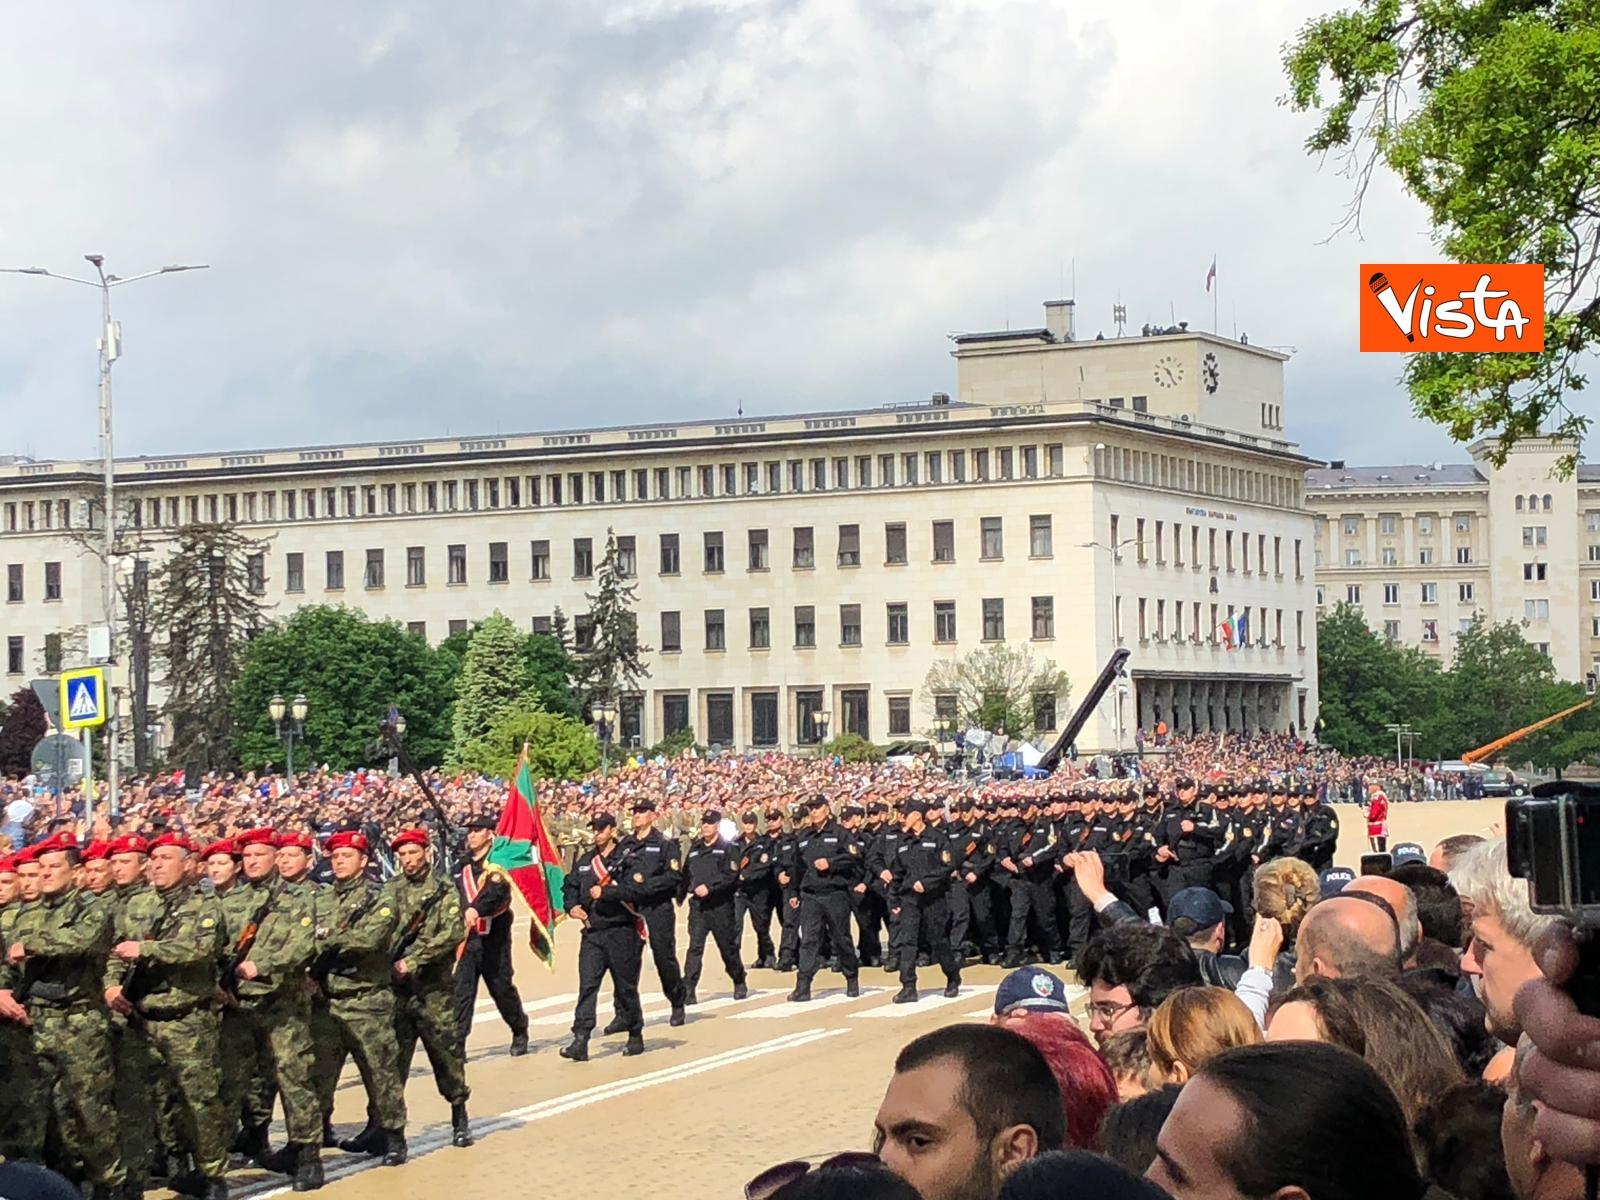 06-05-19 La parata militare a Sofia per la festa dell esercito in occasione di San Giorgio_05